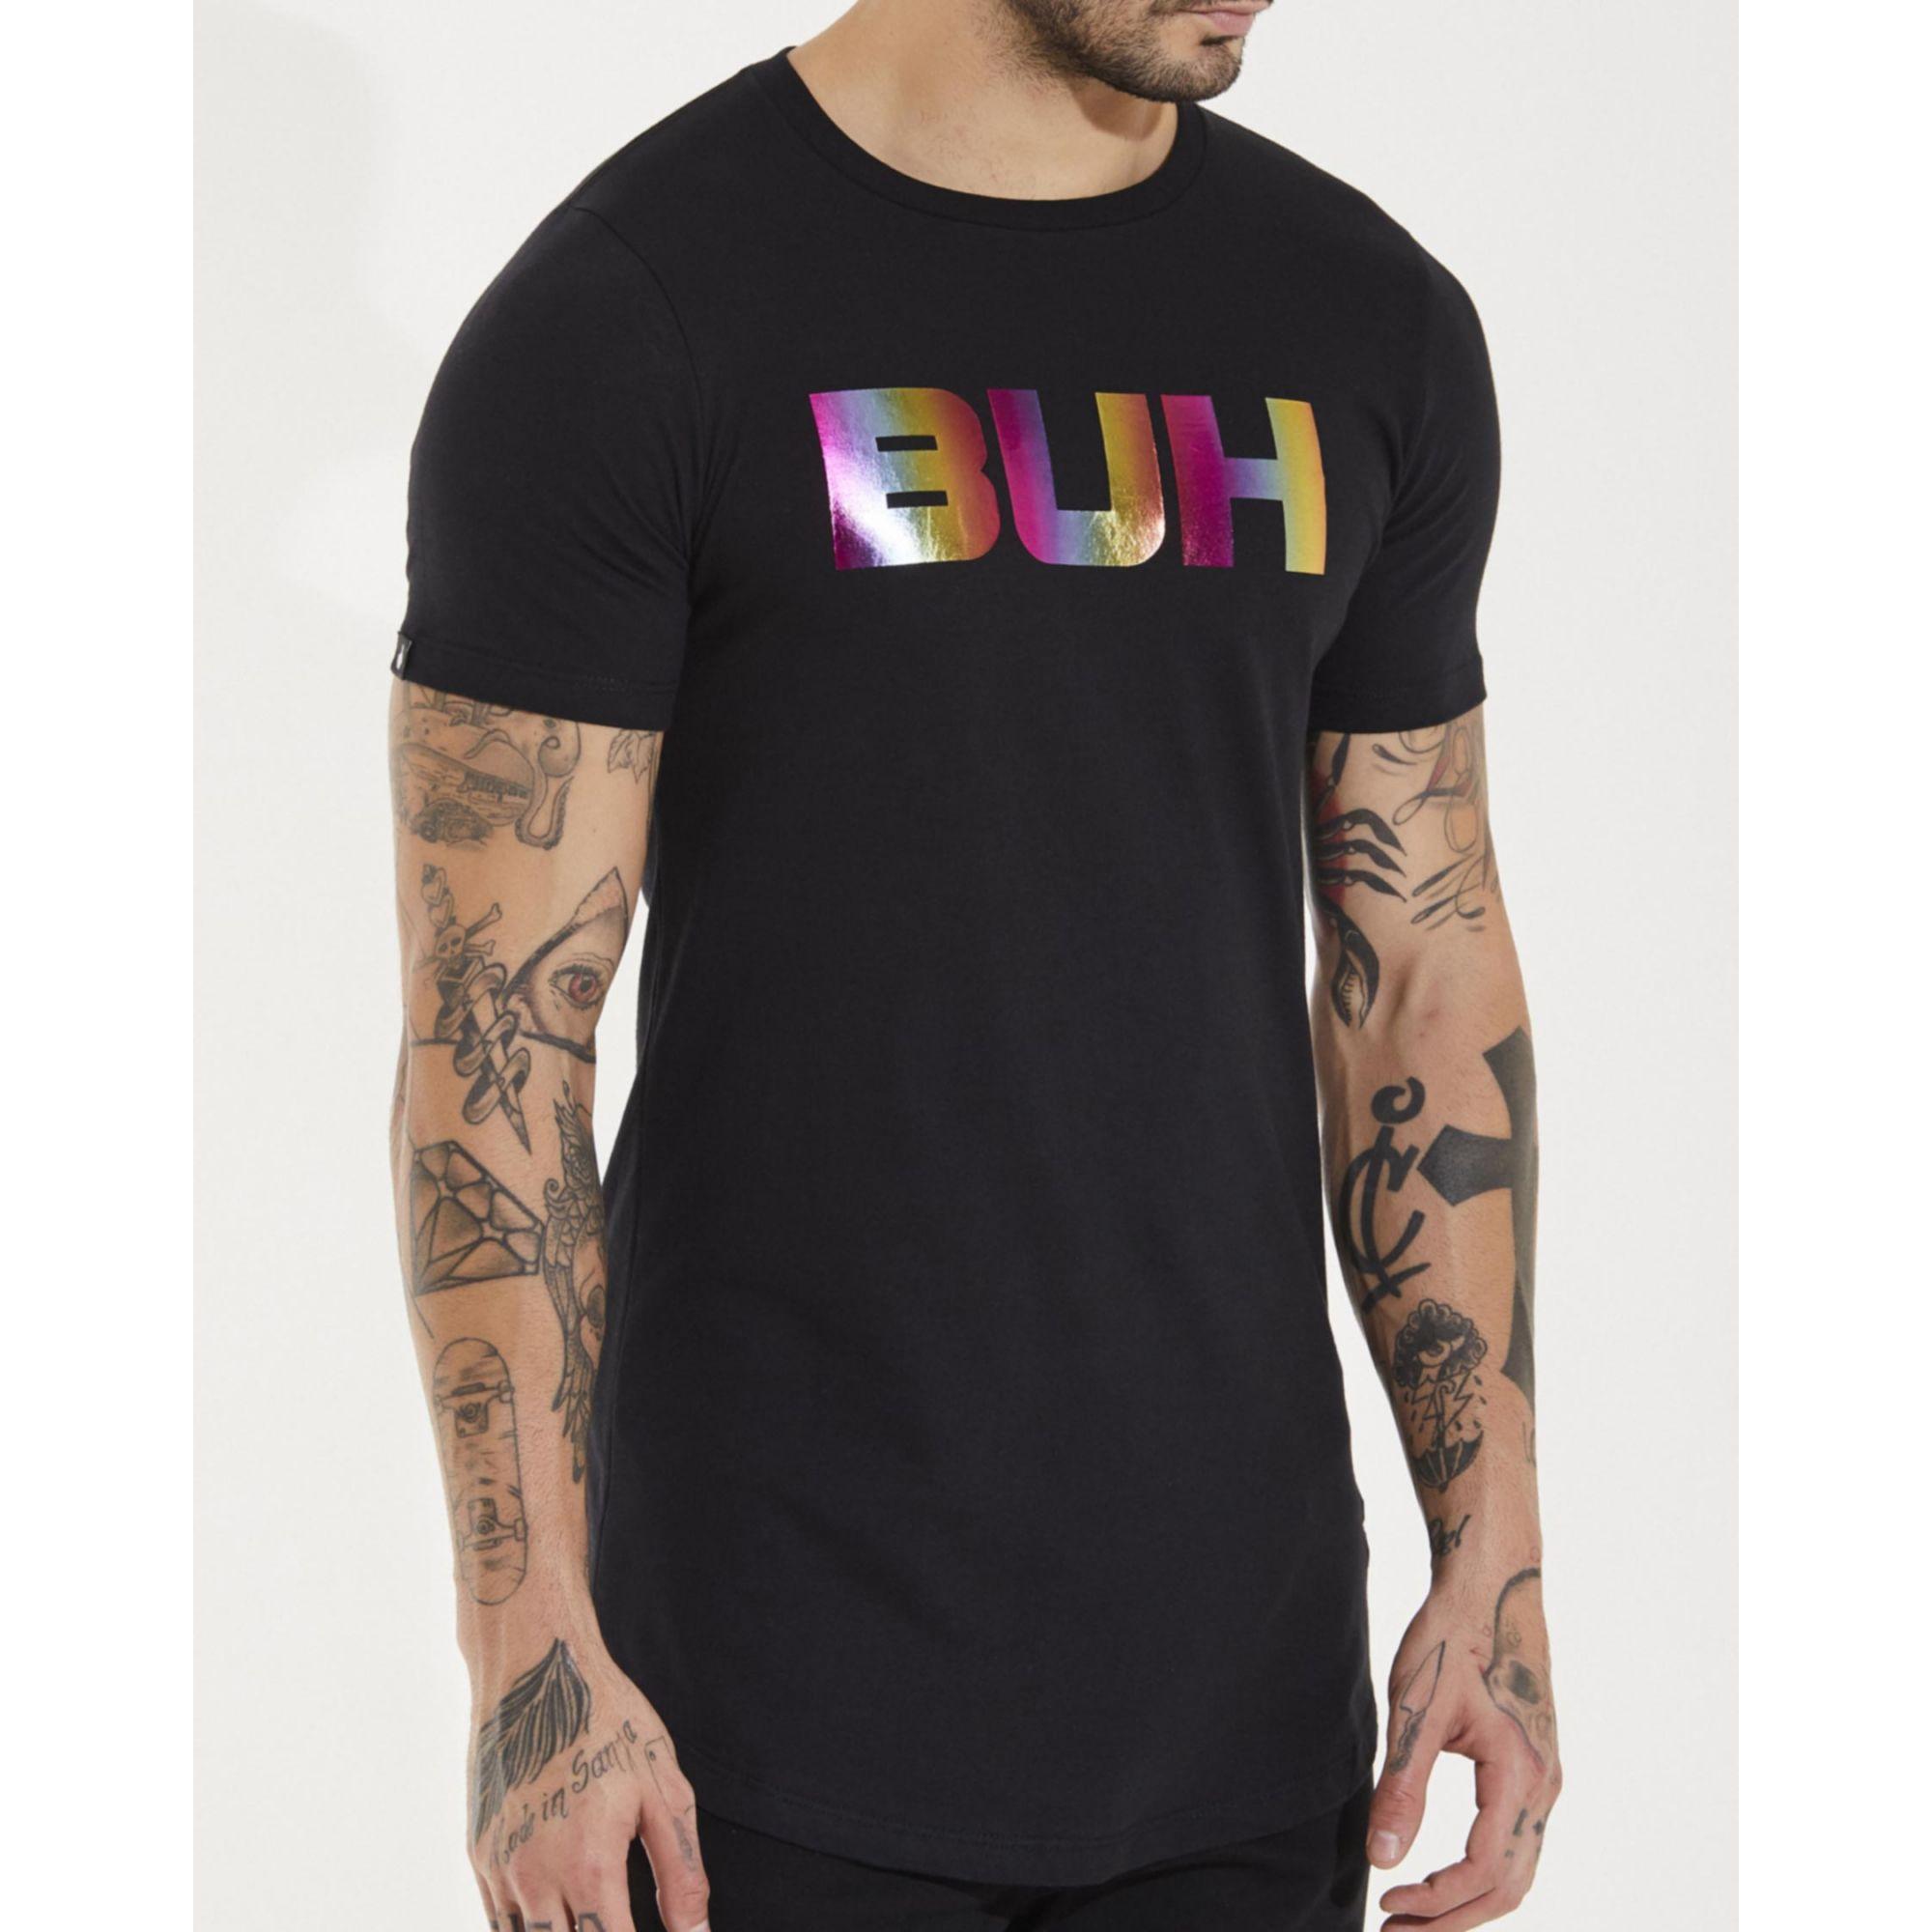 Camiseta Buh Multicolor Black